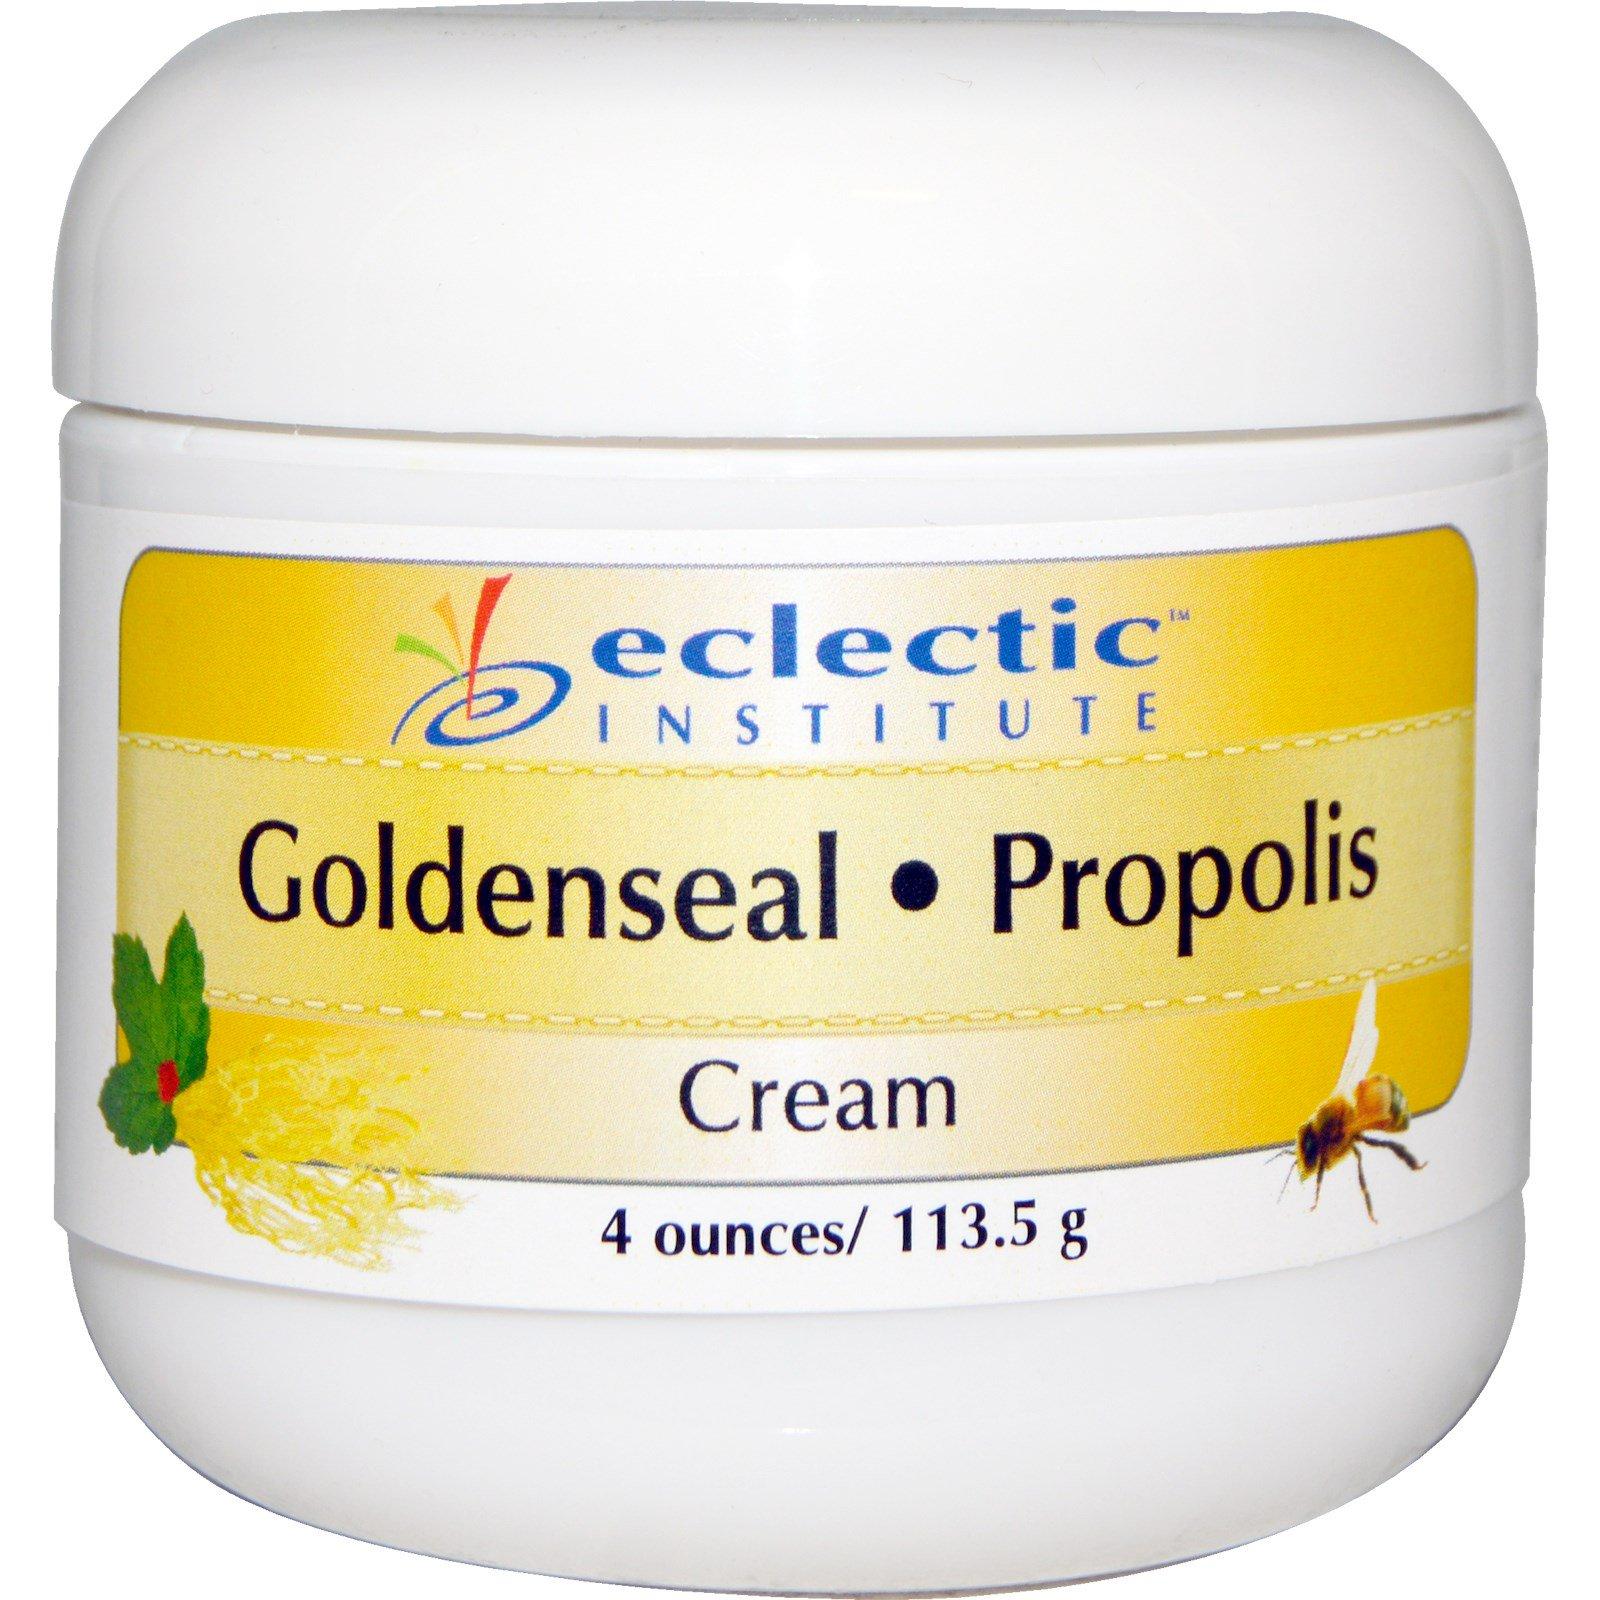 Eclectic Institute, Goldenseal-Propolis Cream, 4 oz (113 5 g